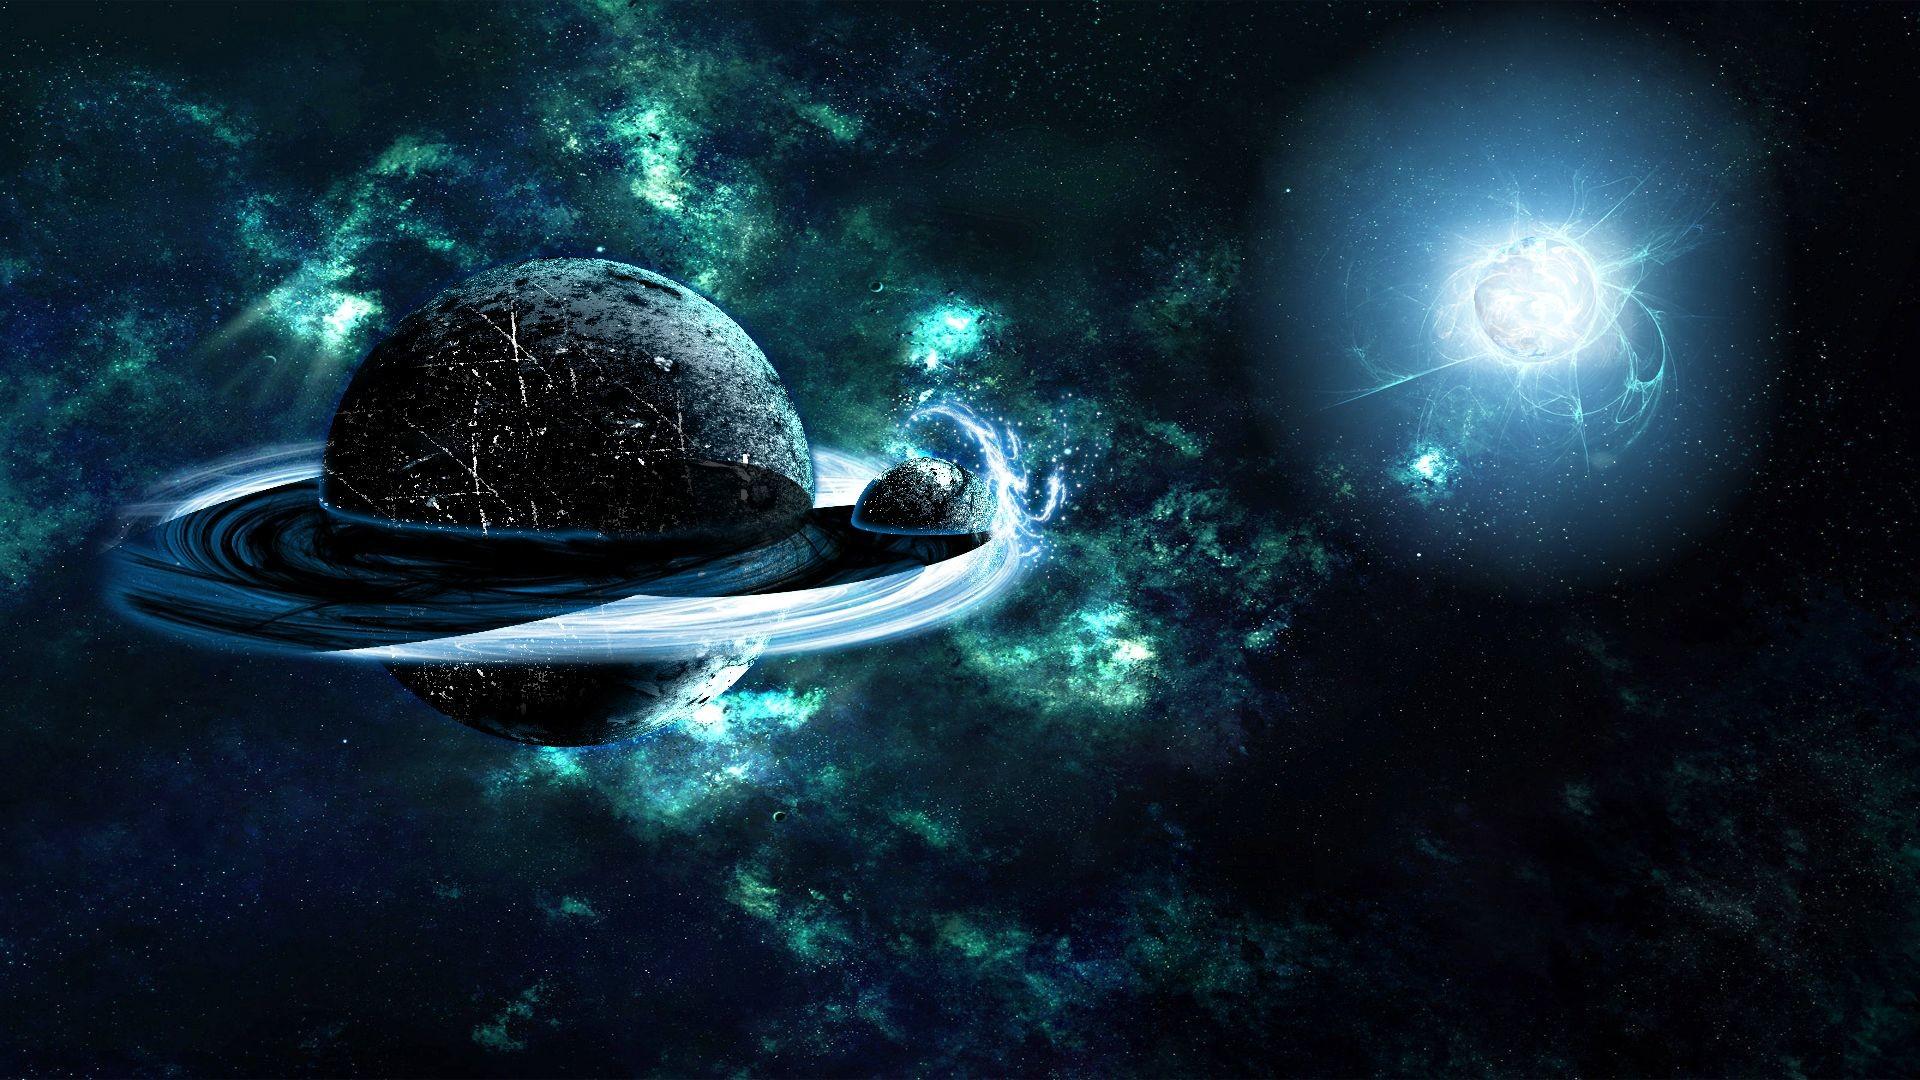 Saturnus and Titan Space HD Wallpaper